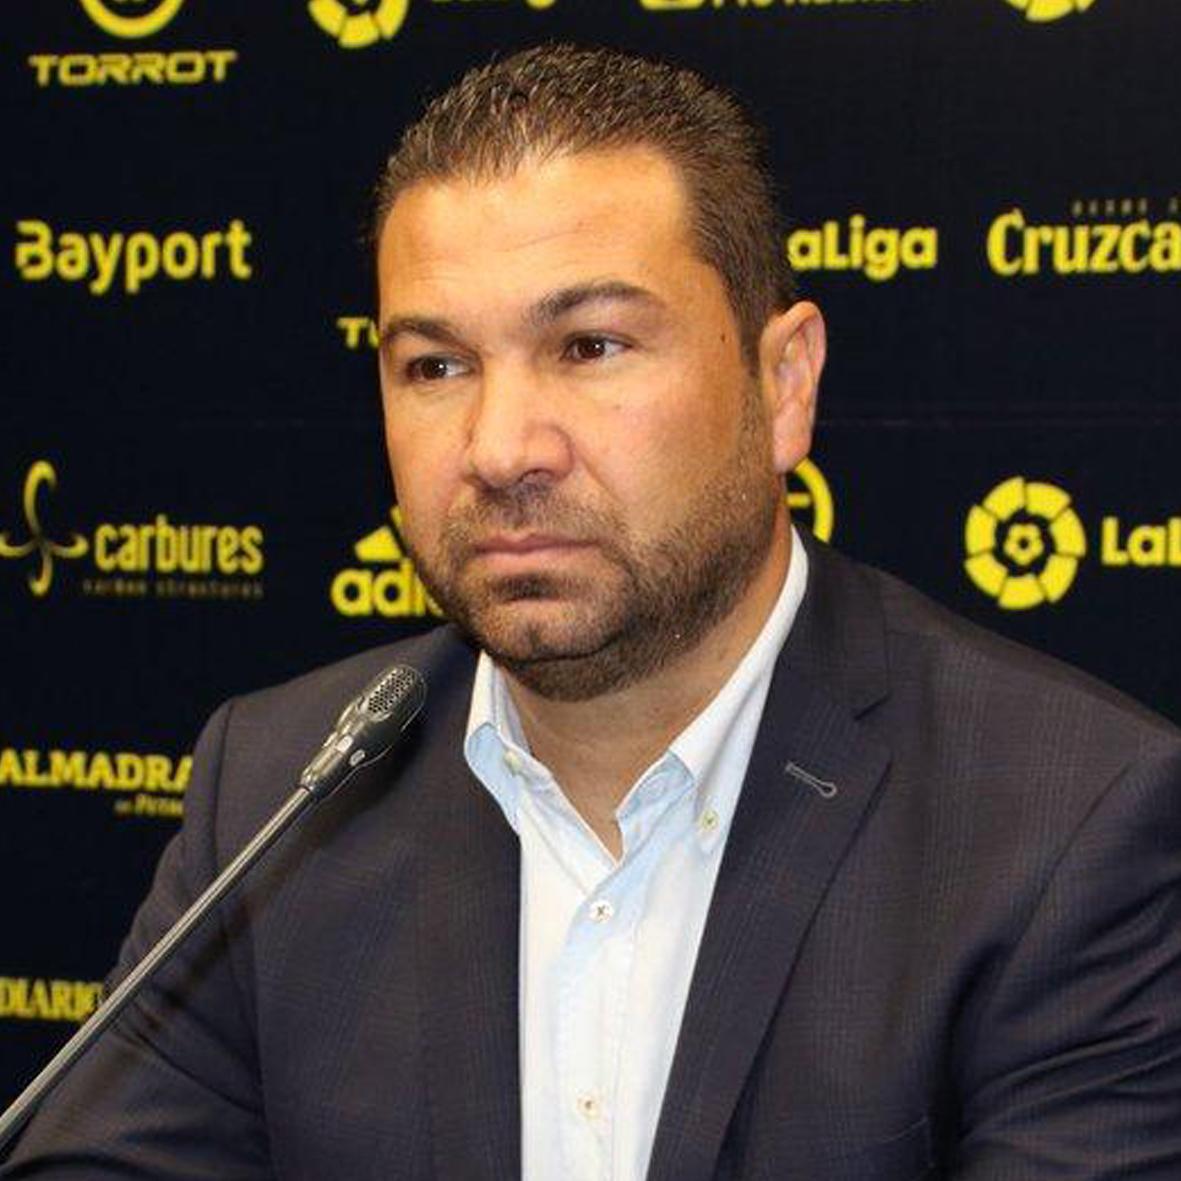 Poco más de 500.000 euros para Cordero en varios plazos